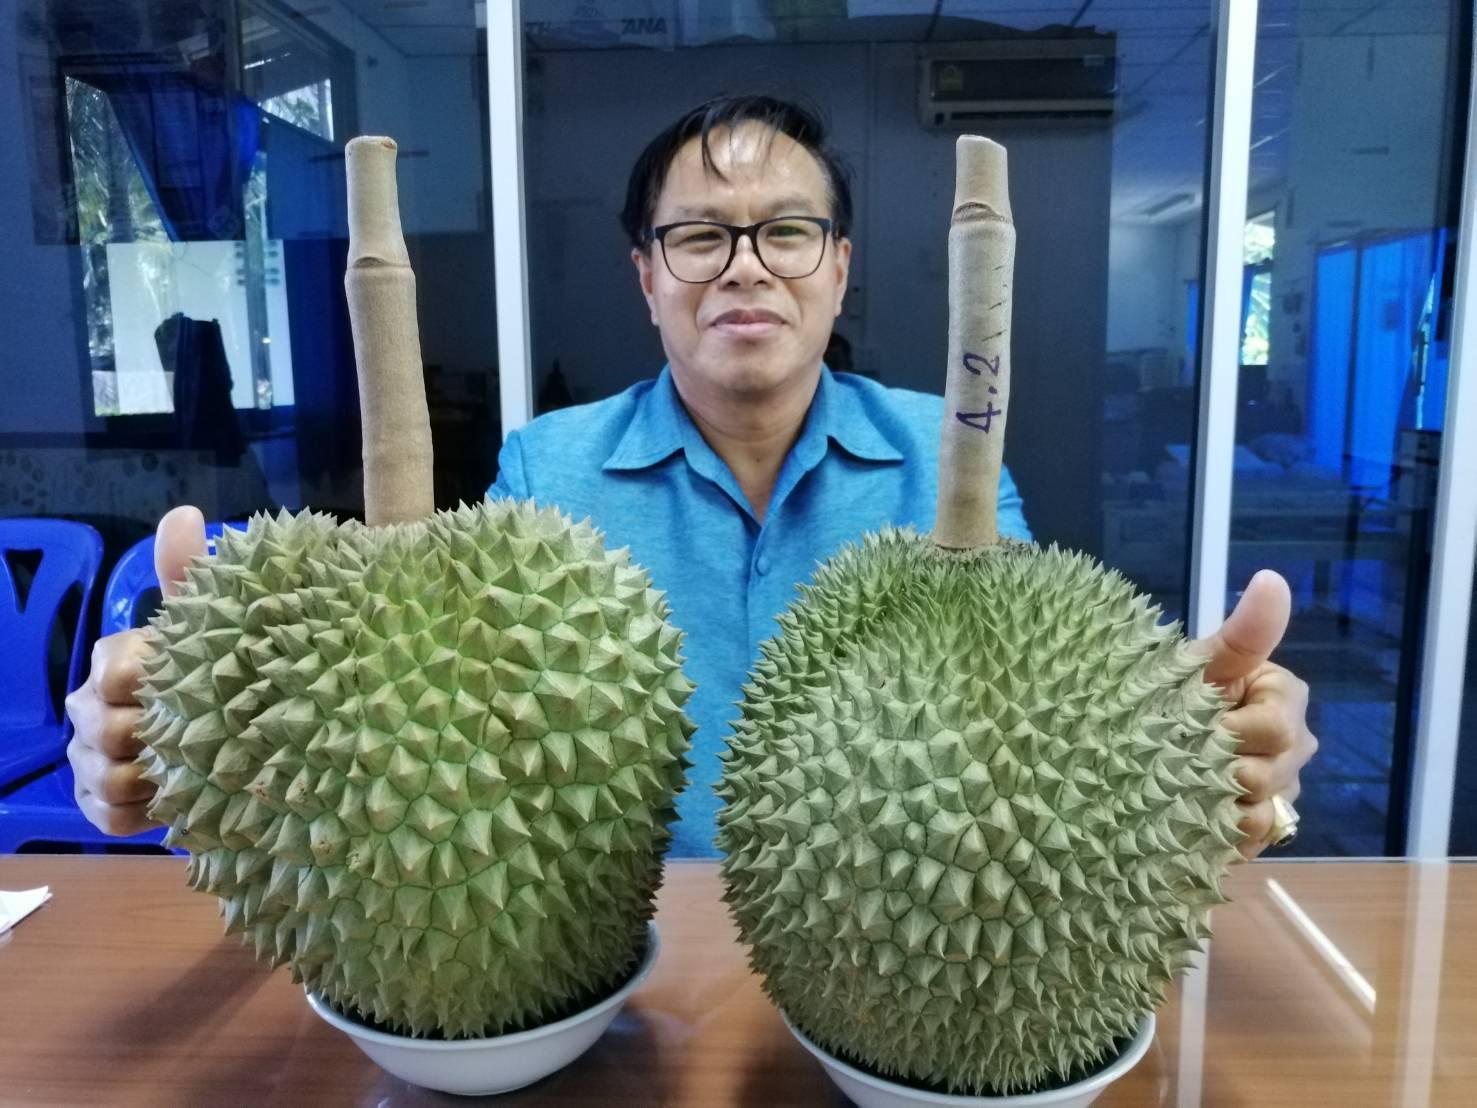 นายมนตรี เชื้อใจ เกษตรจังหวัดกาญจนบุรี กับทุเรียนก้านยาว และหมอนทอง..ผลผลิตคุณภาพที่พร้อมส่งตรงผู้บริโภคคนไทยในฤดูกาลนี้